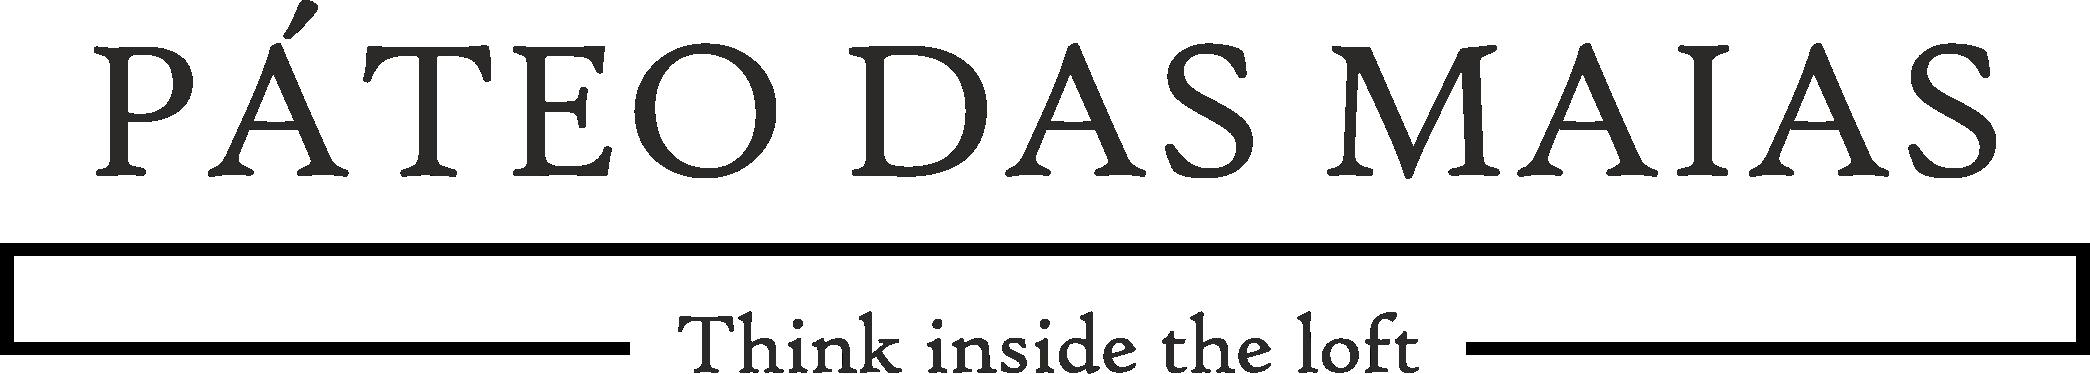 logotipo da entidade